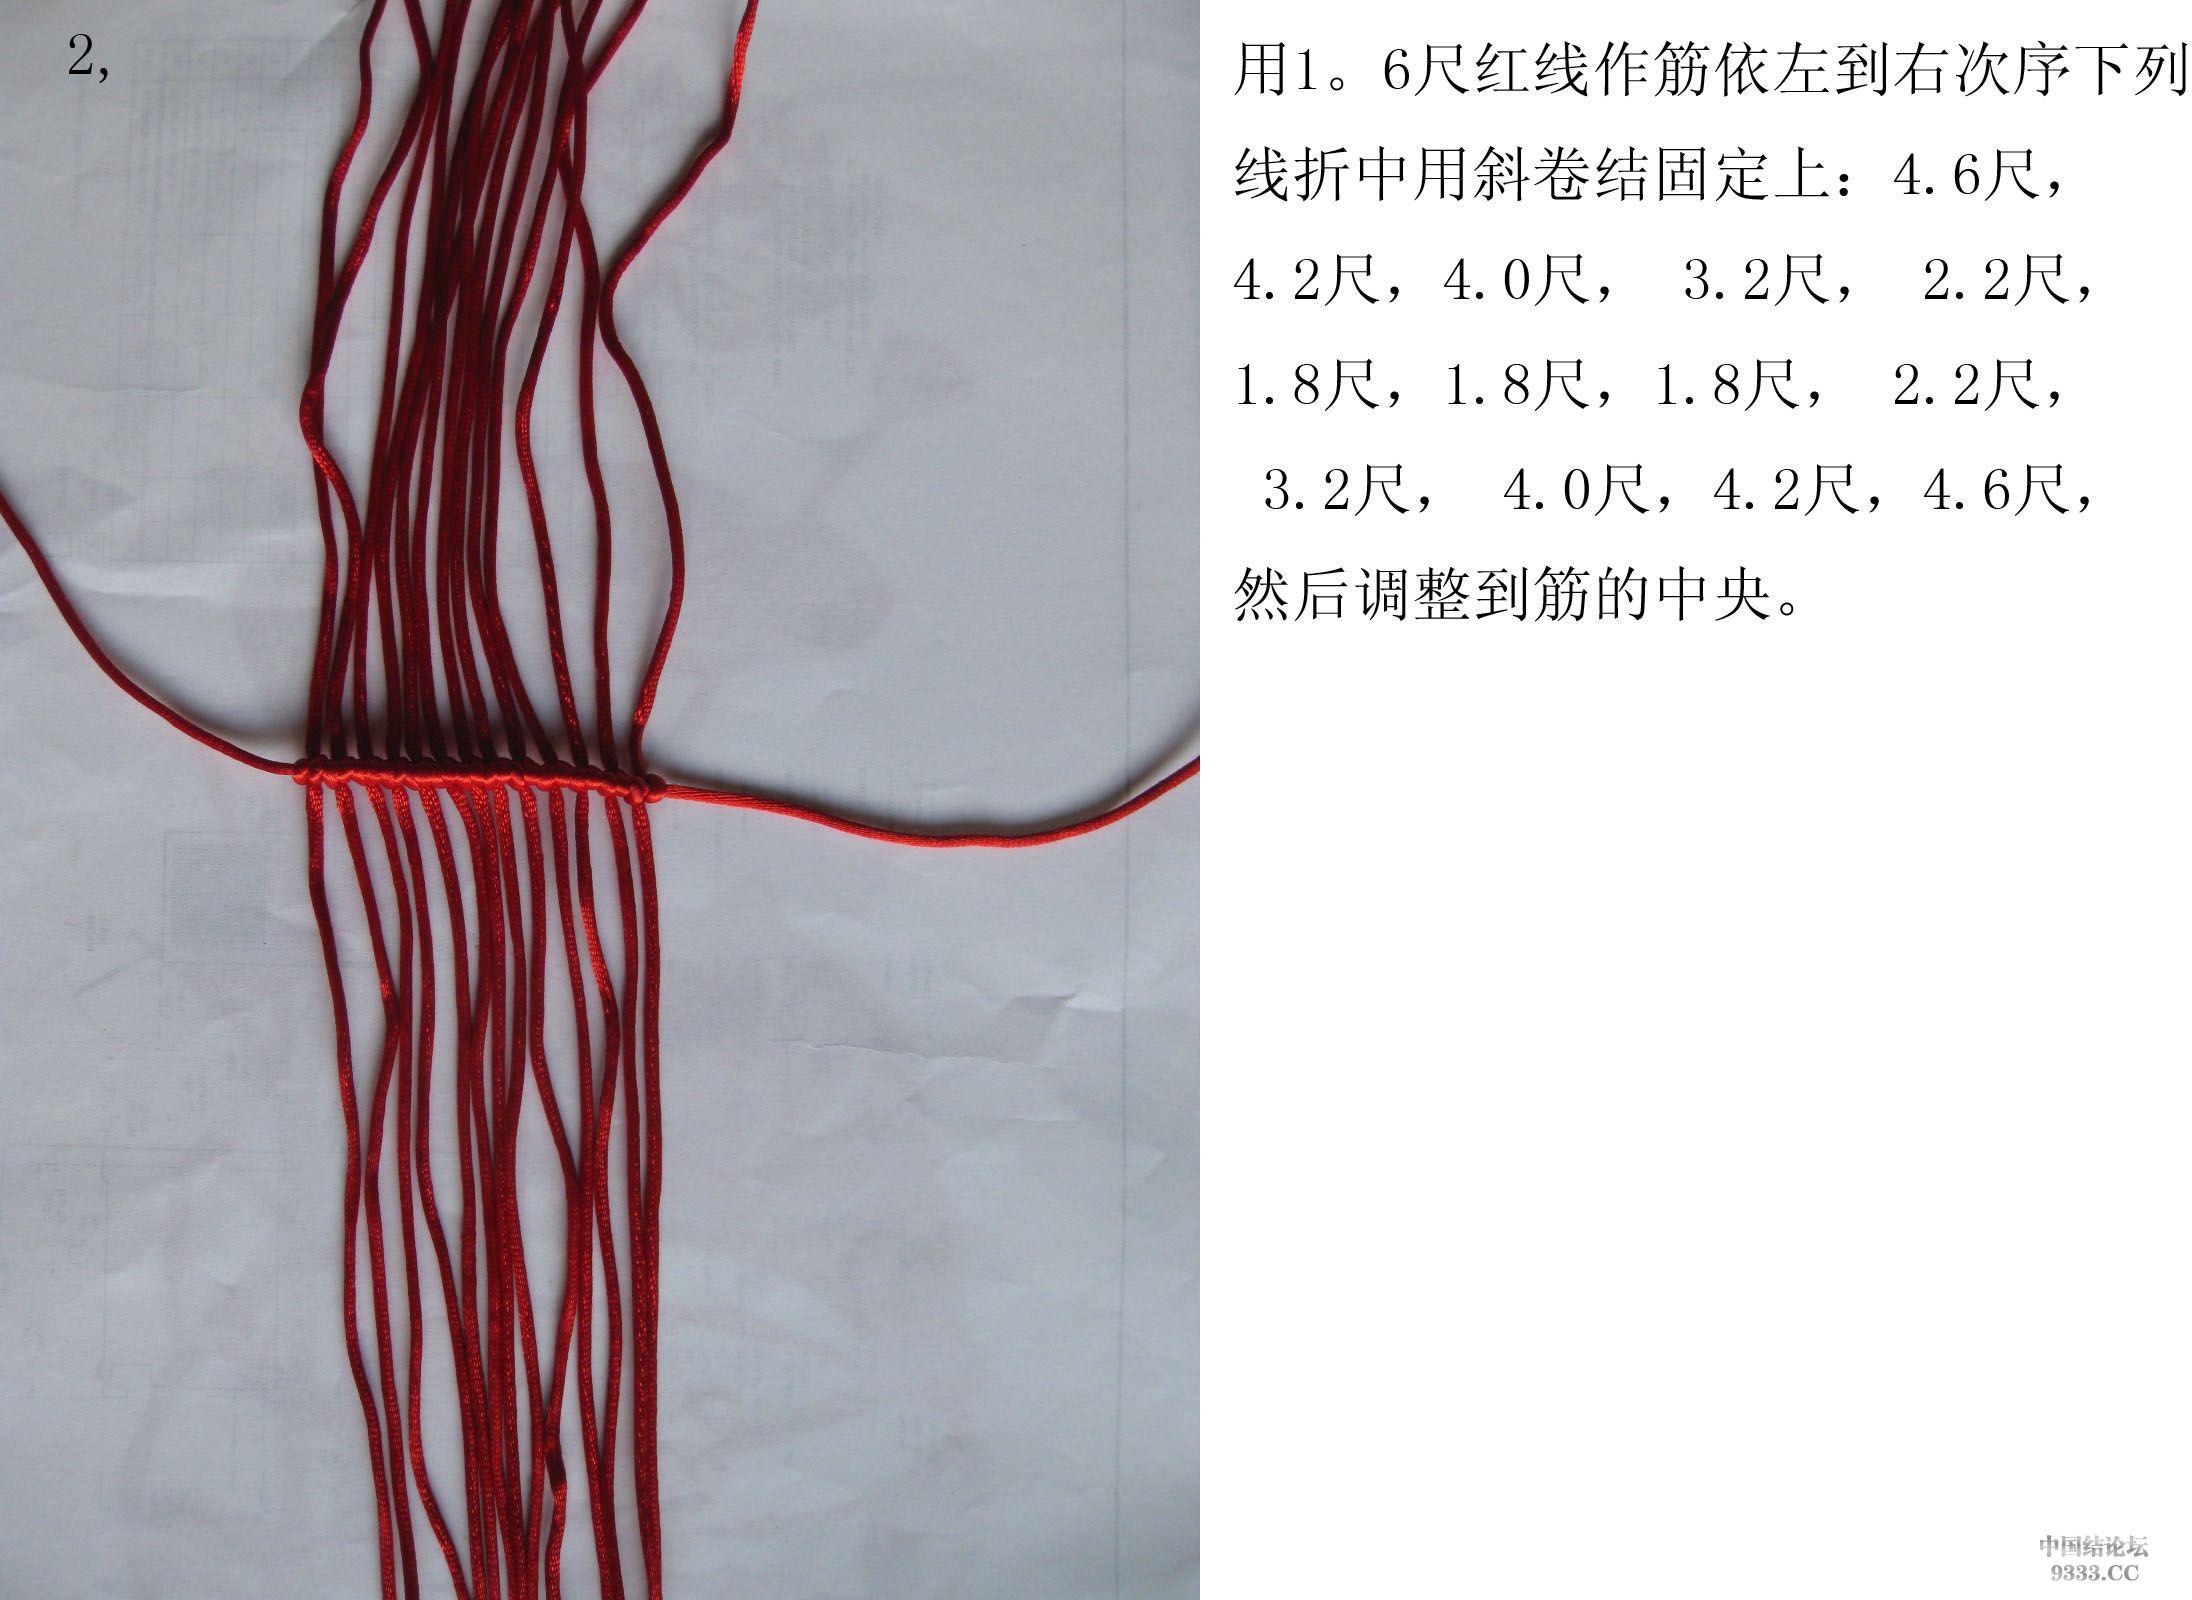 中国结论坛 我发一个鲤鱼教程  立体绳结教程与交流区 0909160709fe4da74d6c1bd946